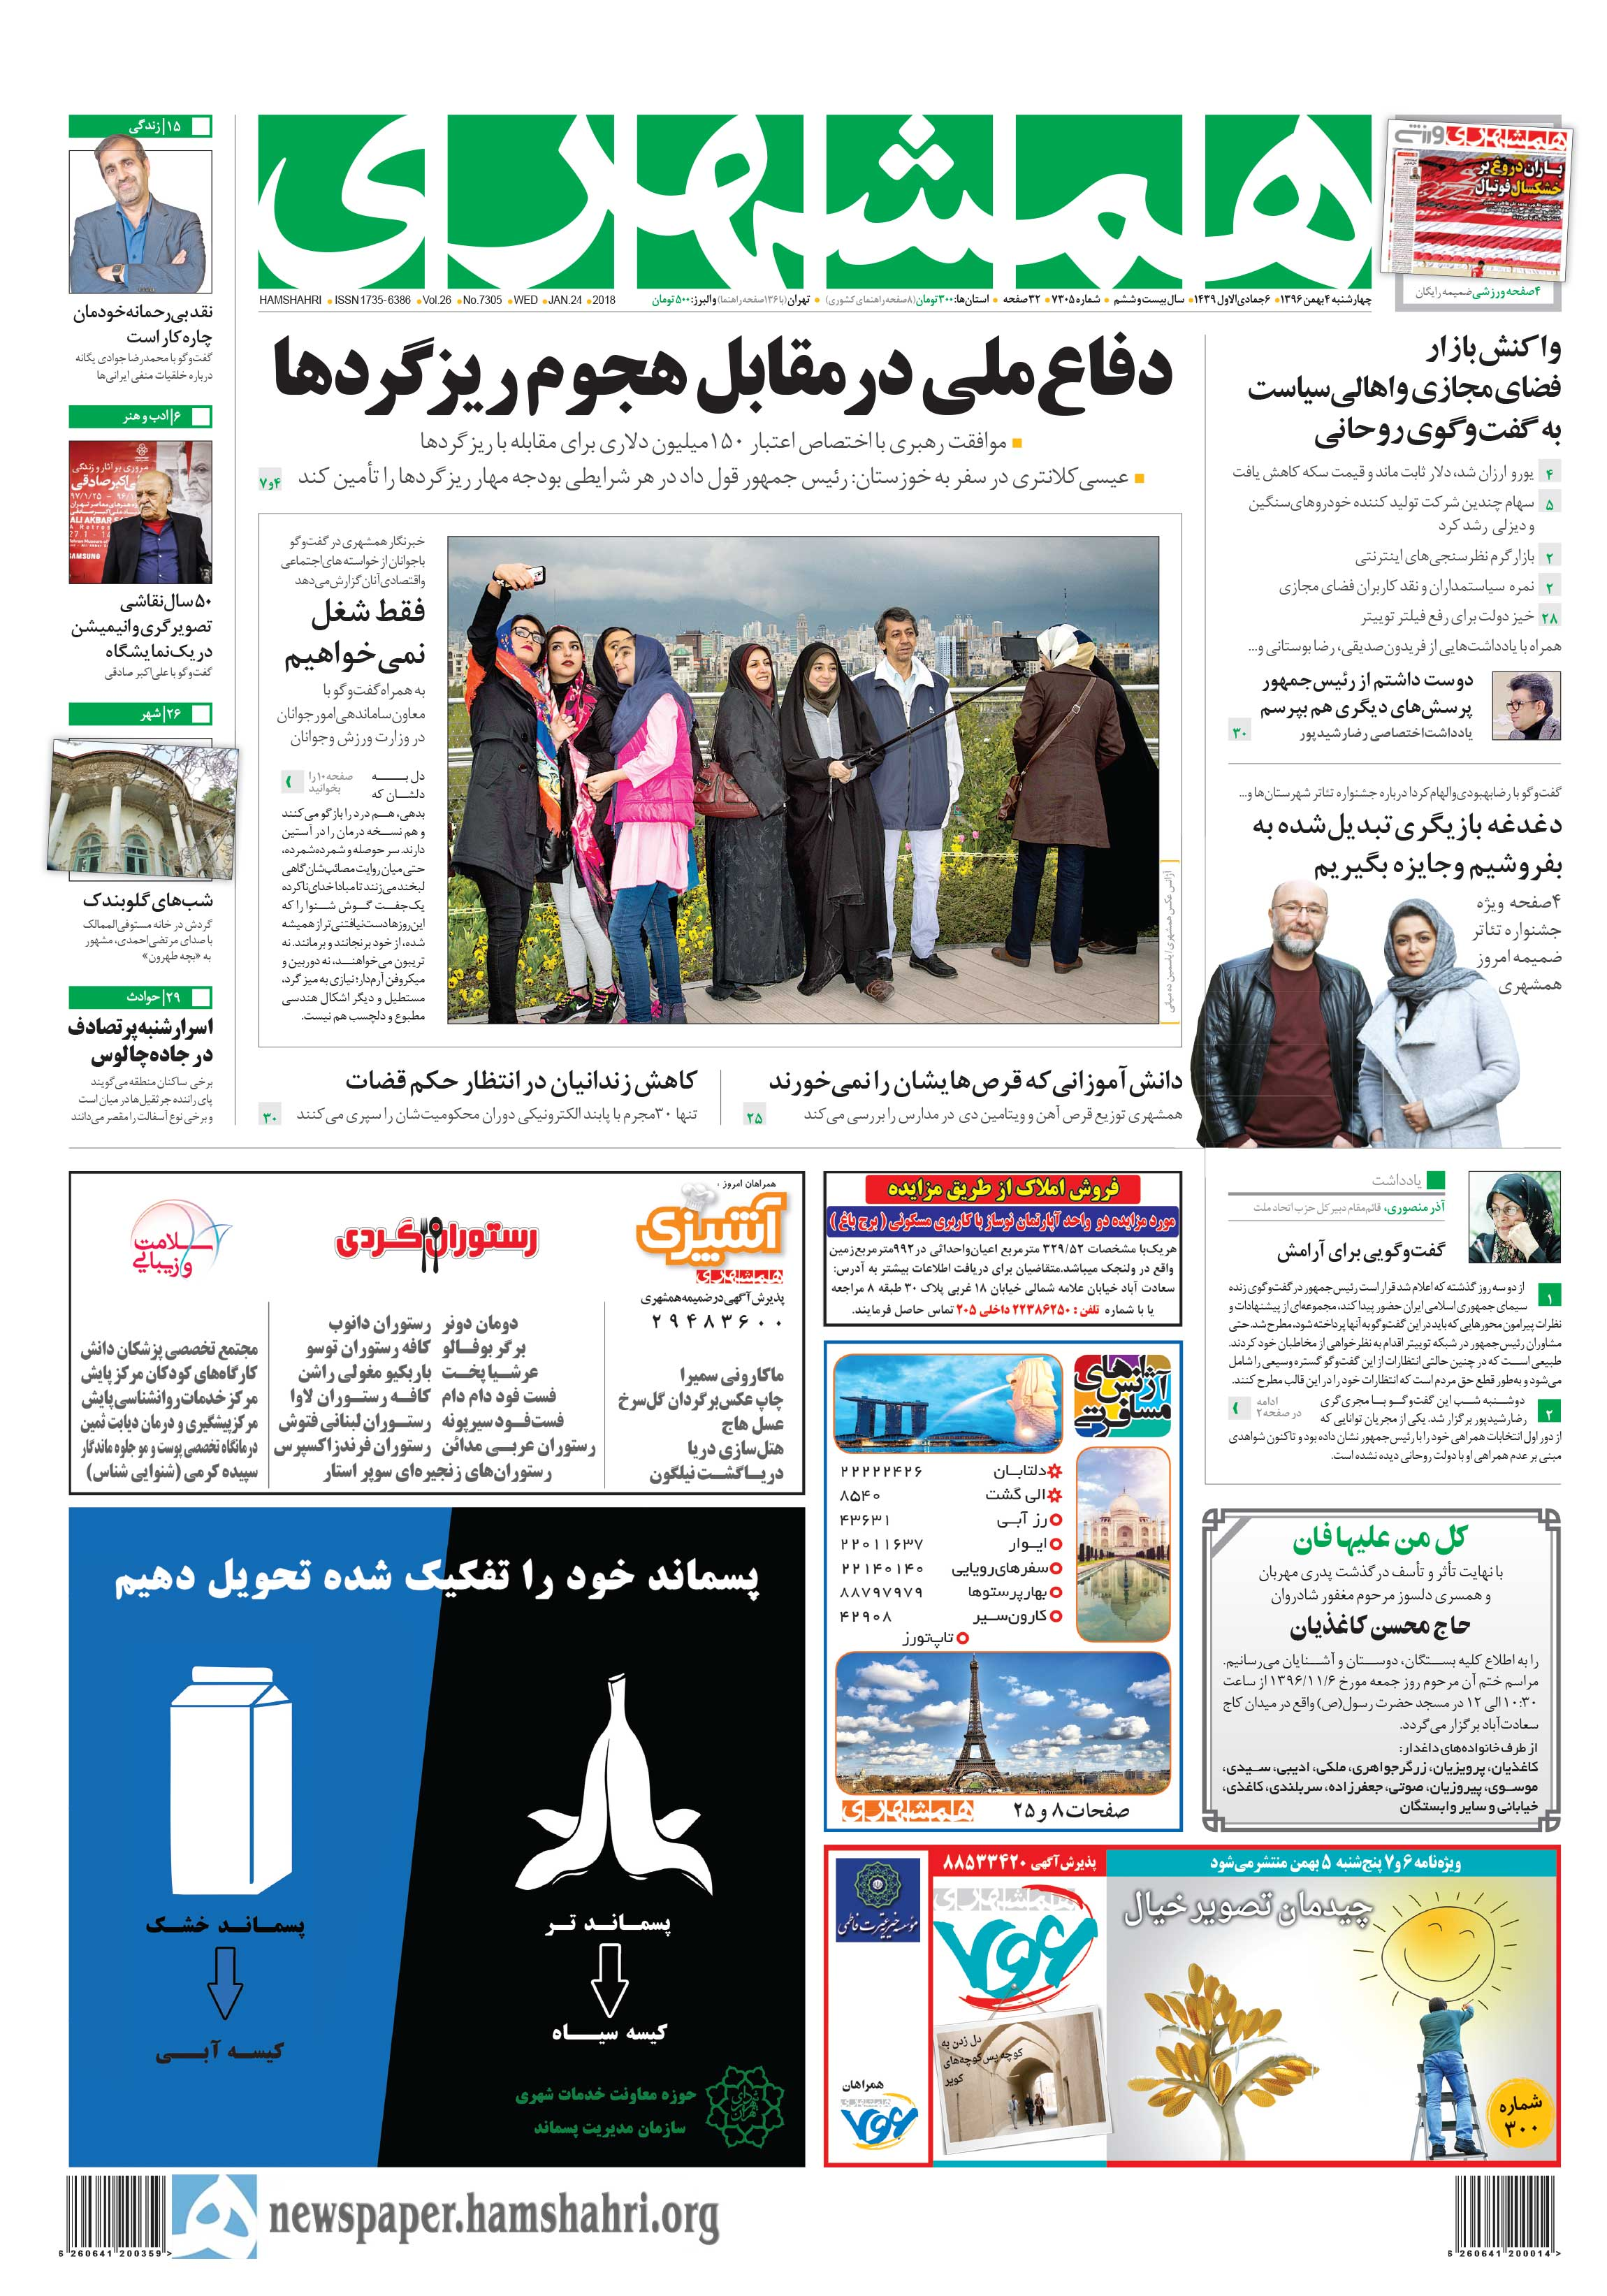 صفحه اول چهارشنبه 4 بهمنماه 1396